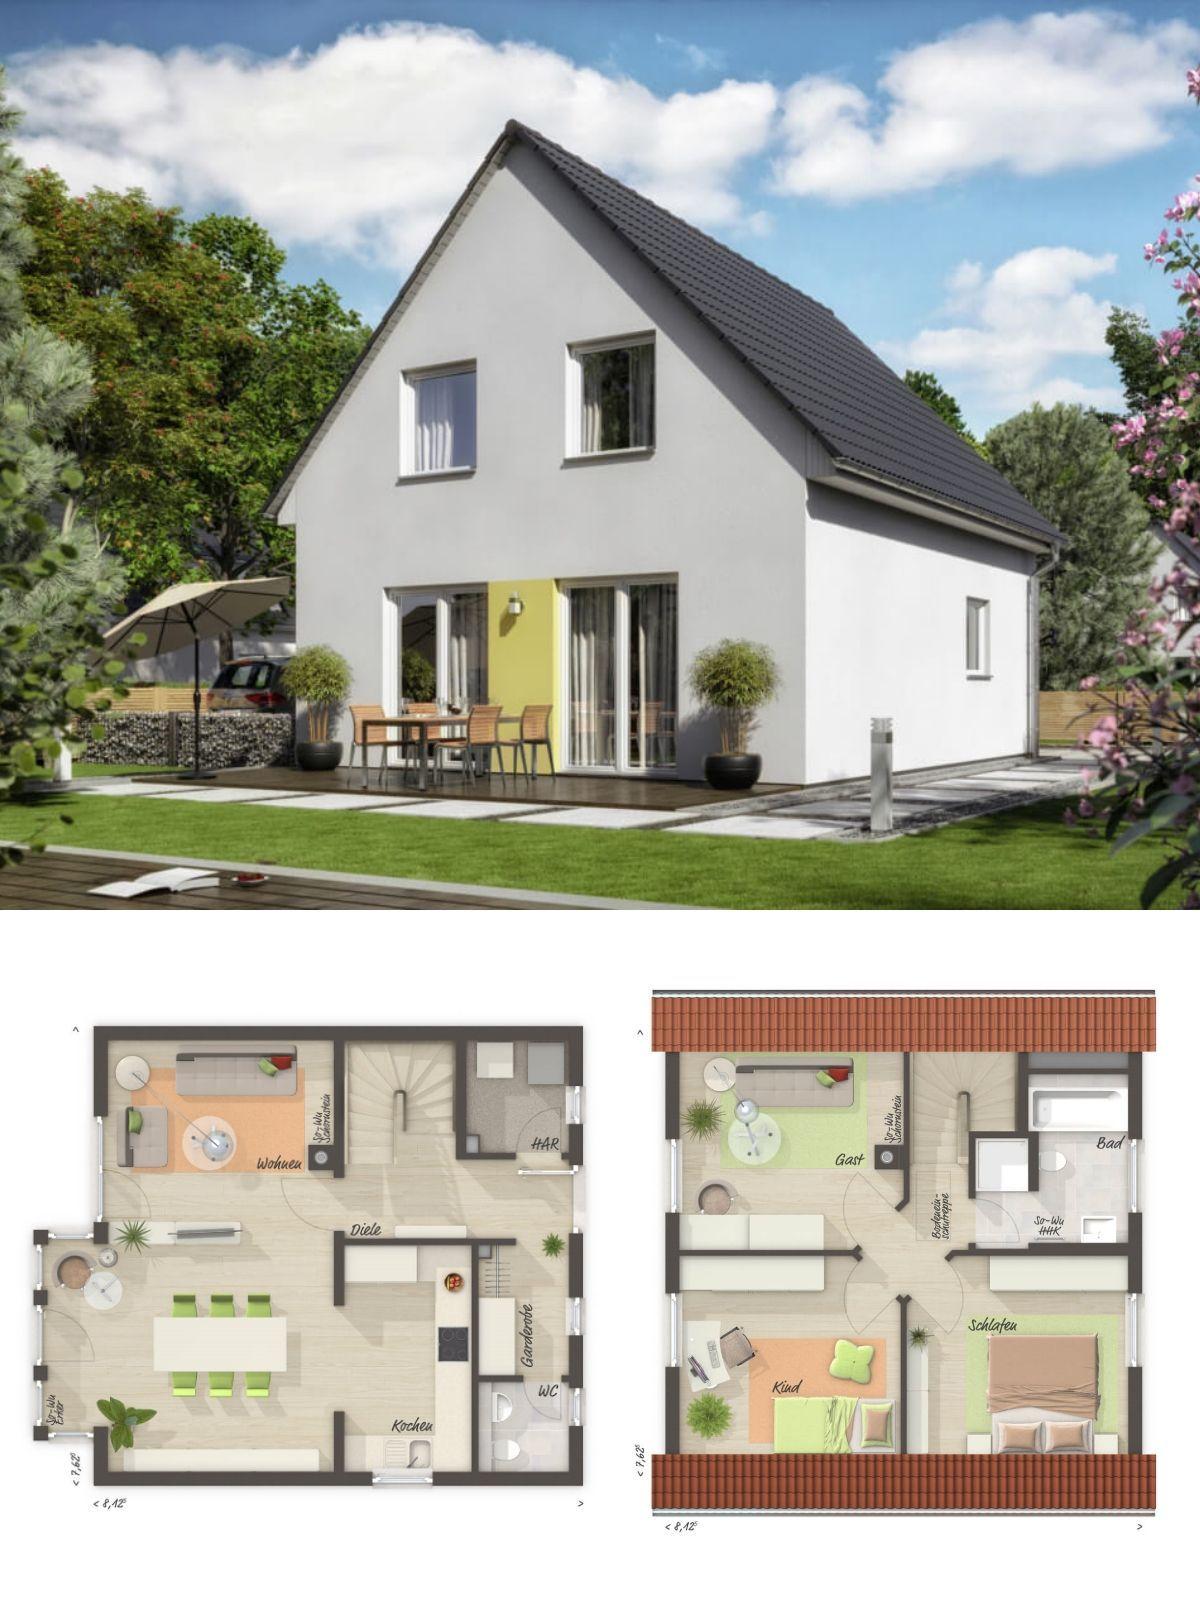 einfamilienhaus neubau grundriss klassisch mit satteldach architektur erker anbau haus bauen. Black Bedroom Furniture Sets. Home Design Ideas